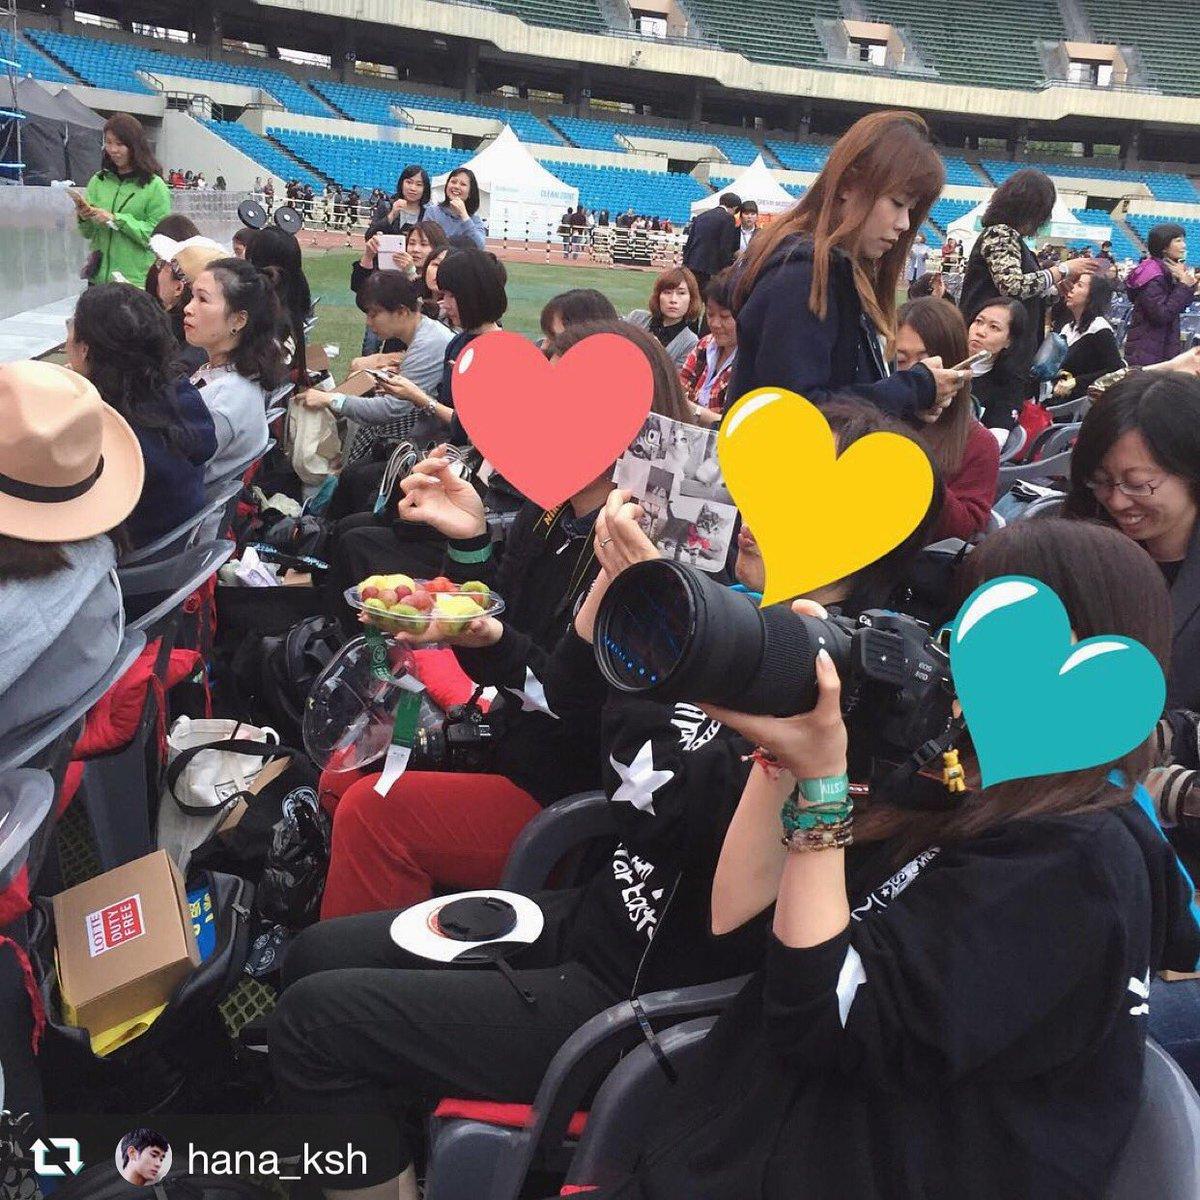 20161021 LOTTE FFhanaさん、デミちゃん、マキちゃんが撮ってくれました❤️全力で수현아を応援してきまし